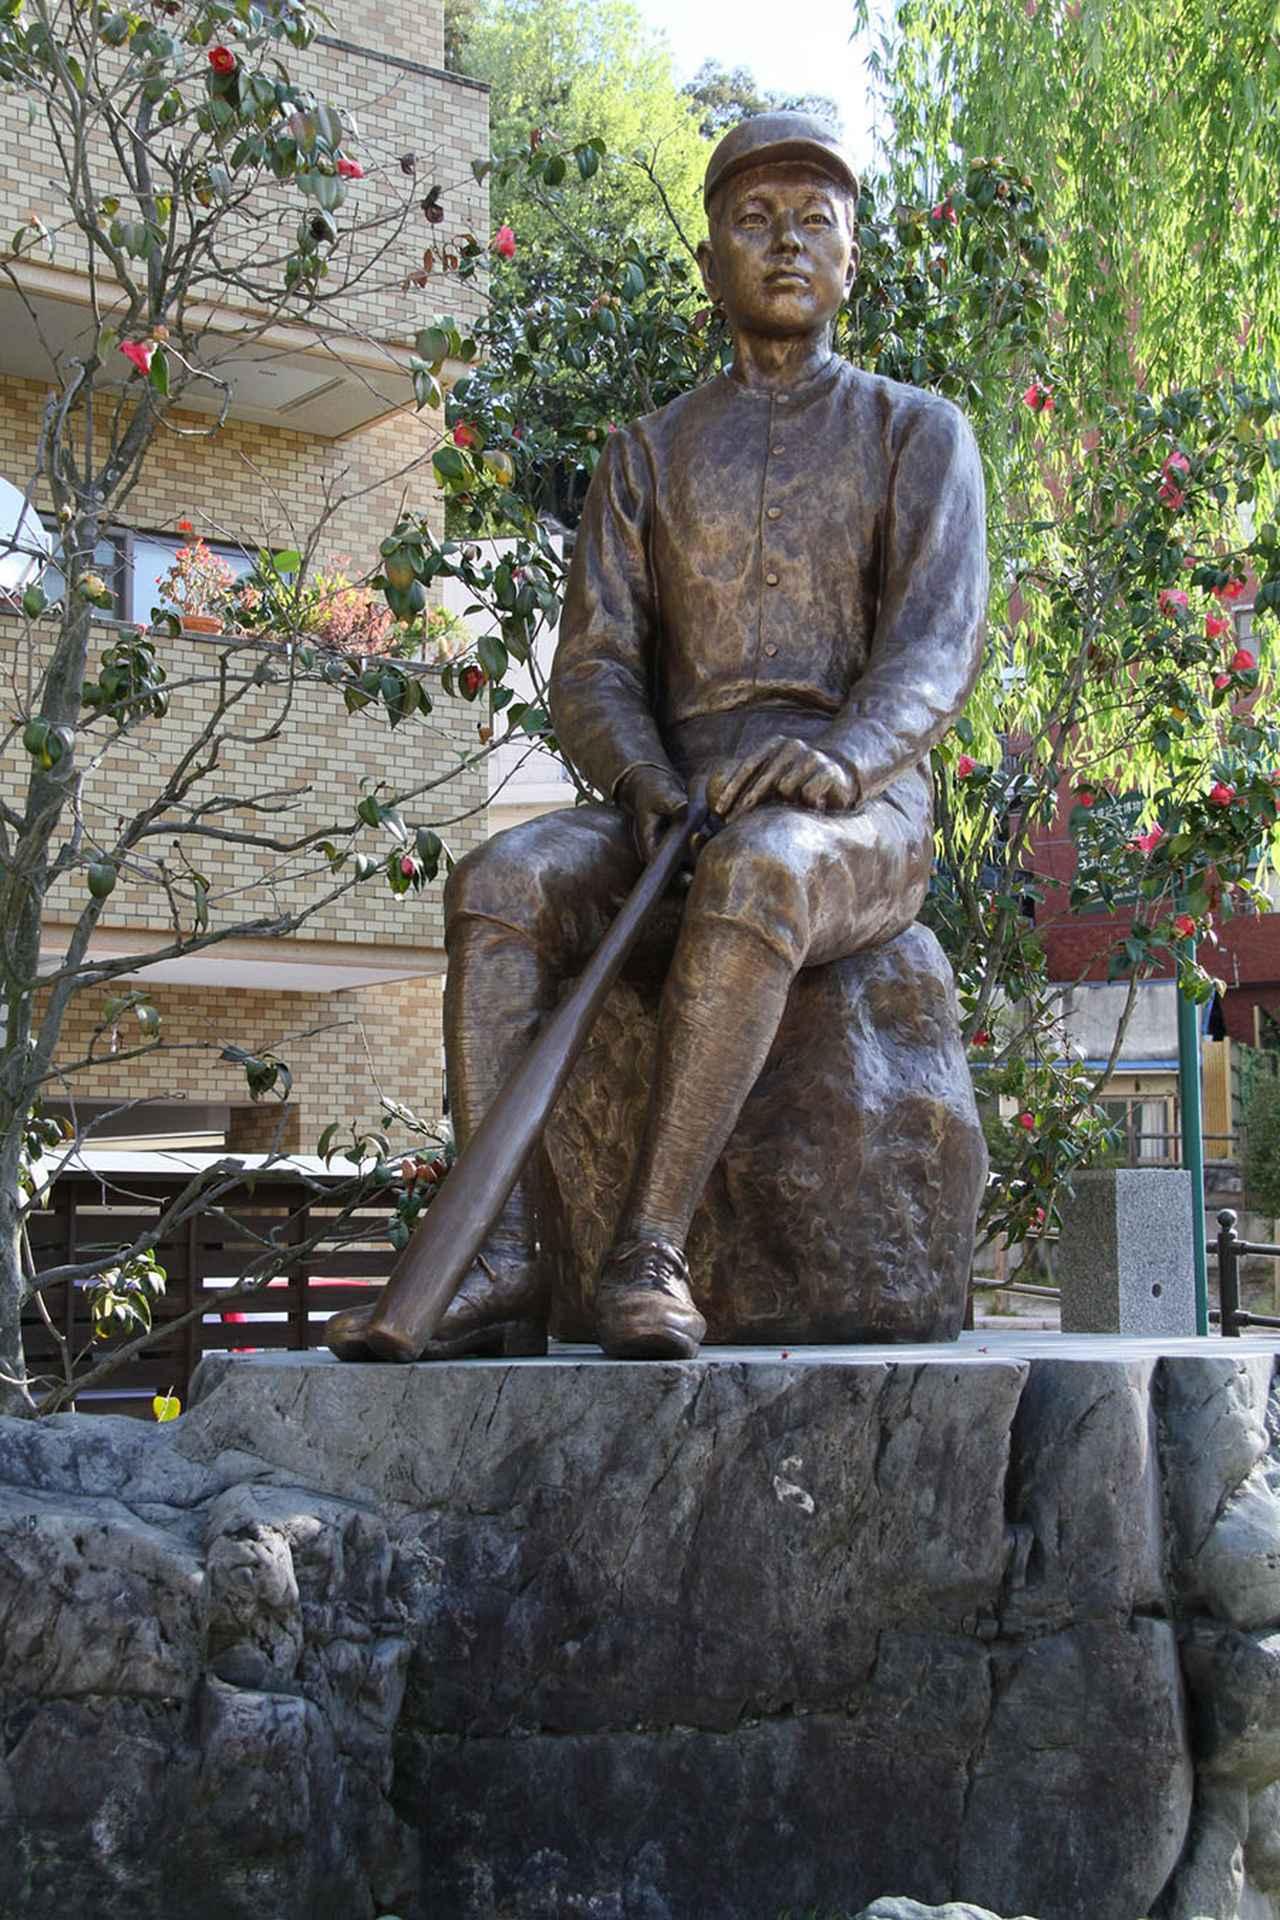 画像: 日本を代表する歌人・正岡子規は愛媛県松山市出身。本人が登場する小説では松山地方の方言『ぞなもし』が頻繁に使われていた。